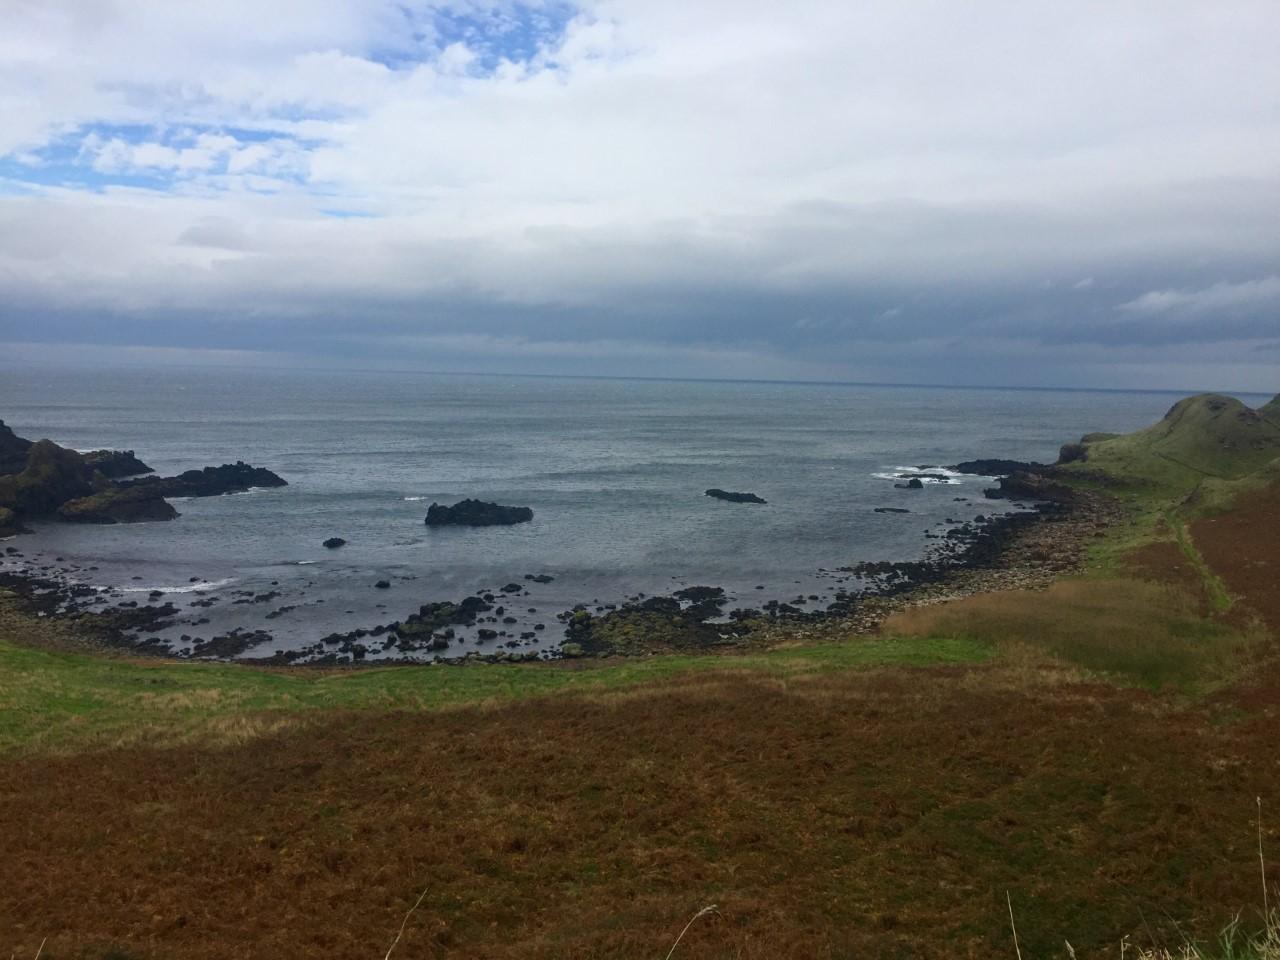 Por el camino que desciende a la Calzada del Gigante se encuentran las bahías de Portnaboe y Port Ganny